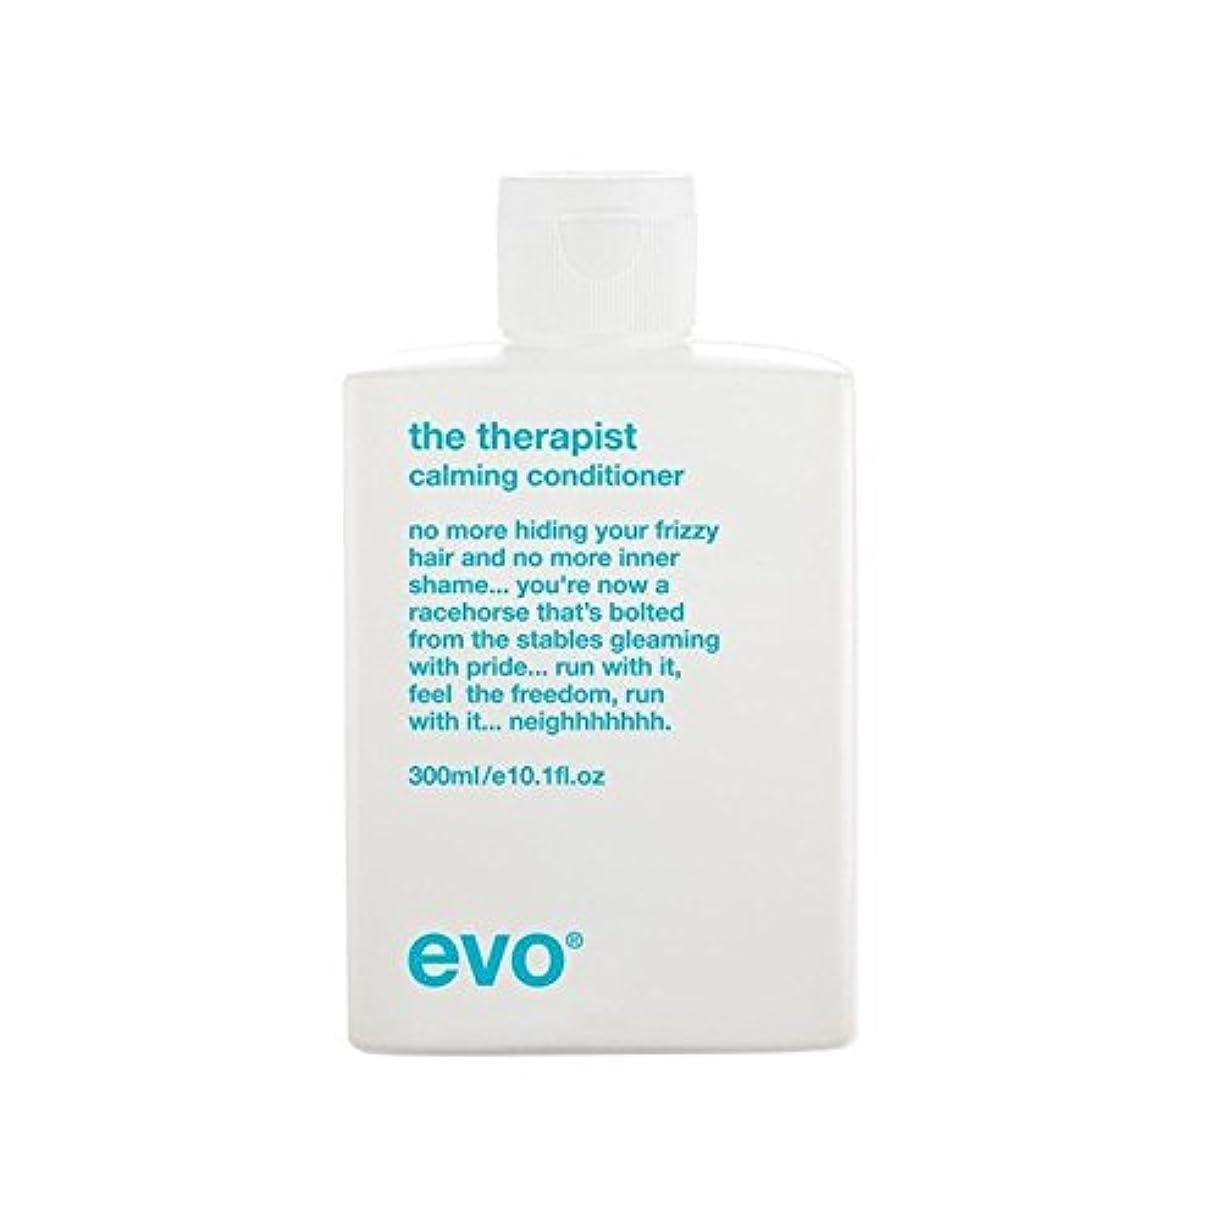 日曜日リーダーシップ剣Evo The Therapist Calming Conditioner (300ml) - セラピスト沈静コンディショナー(300ミリリットル) [並行輸入品]